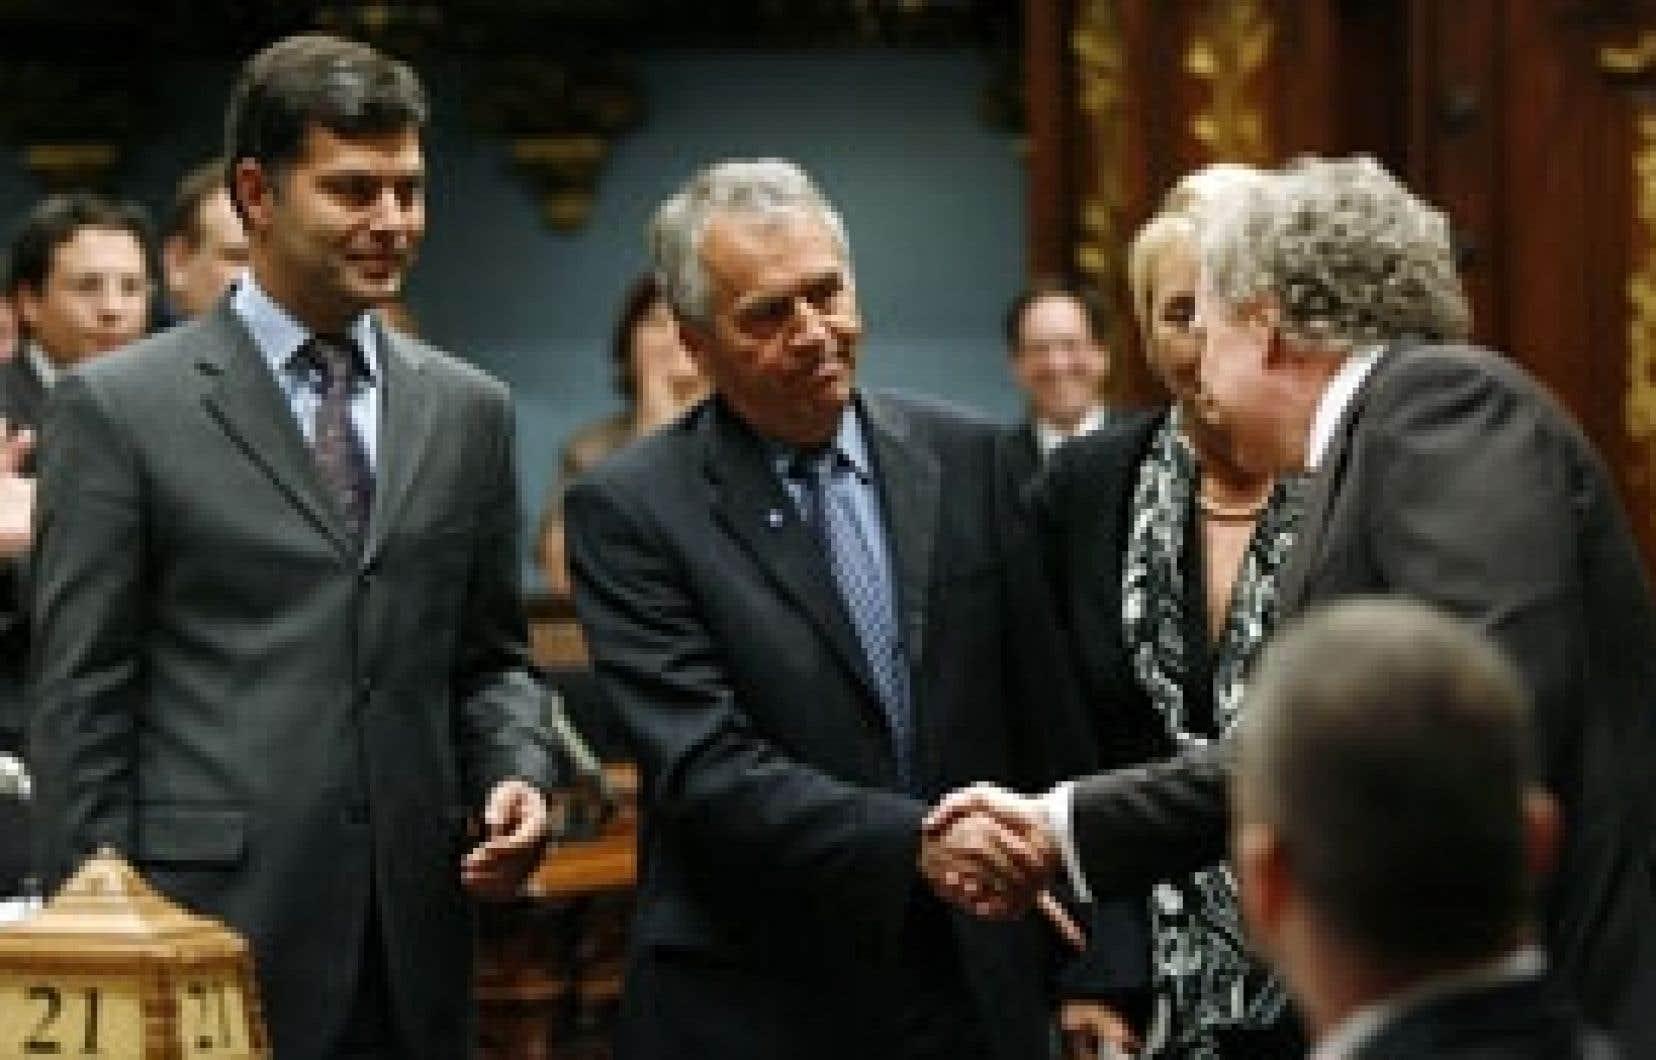 Le premier ministre Jean Charest a serré la main du nouveau président de l'Assemblée nationale, le député péquiste d'Abitibi-Ouest, François Gendron, mais il a refusé d'escorter ce dernier à son siège de président, comme le veut la tradi